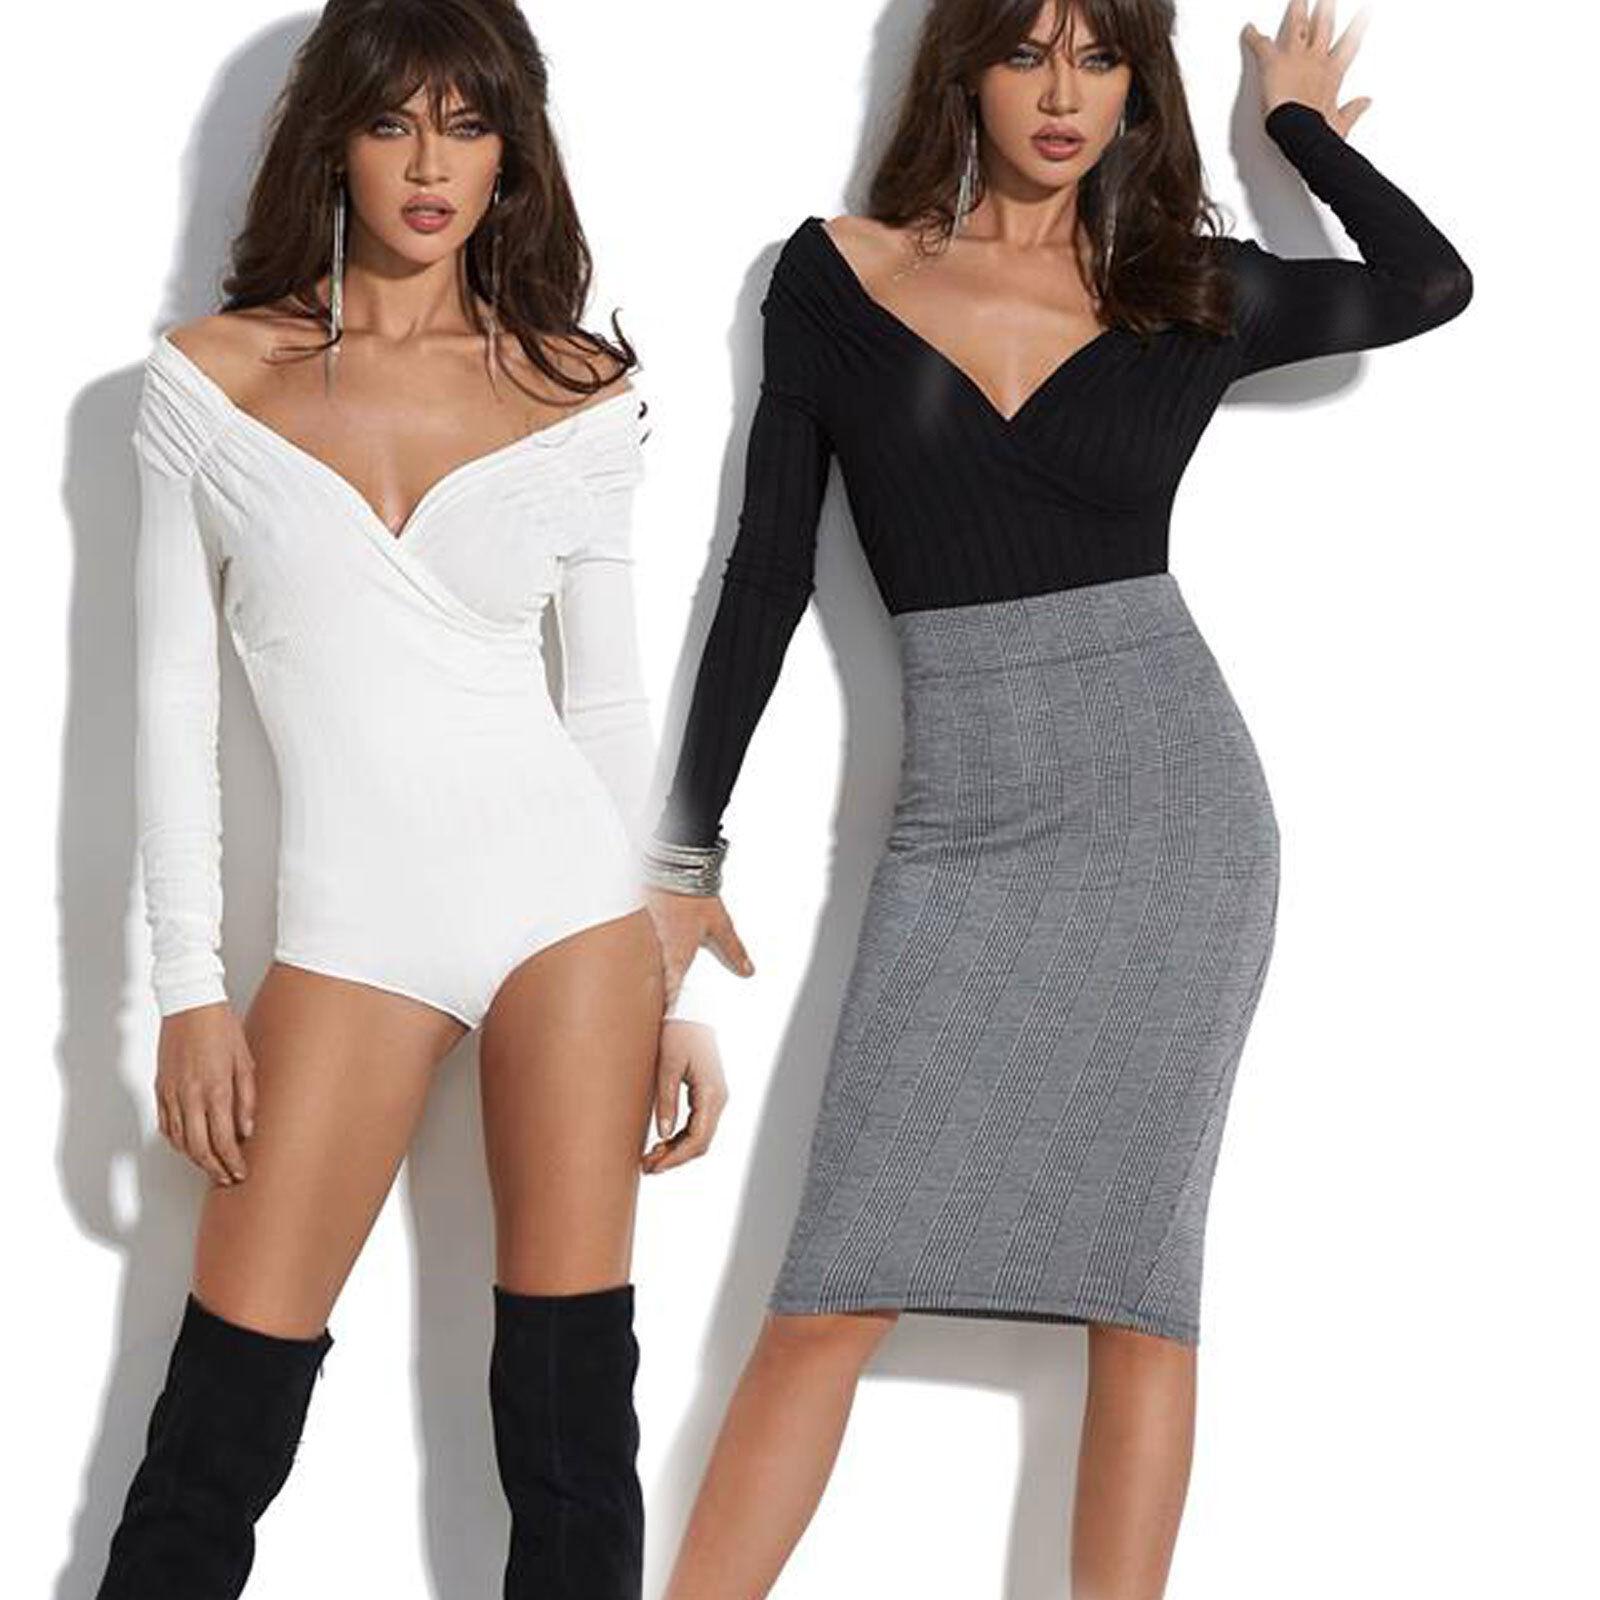 By Alina Damenbody Bodies Body Top Shirt Oberteil Blause Pullover Damentop XS S M | Online-verkauf  | Authentische Garantie  | Clearance Sale  | Am wirtschaftlichsten  | Neu